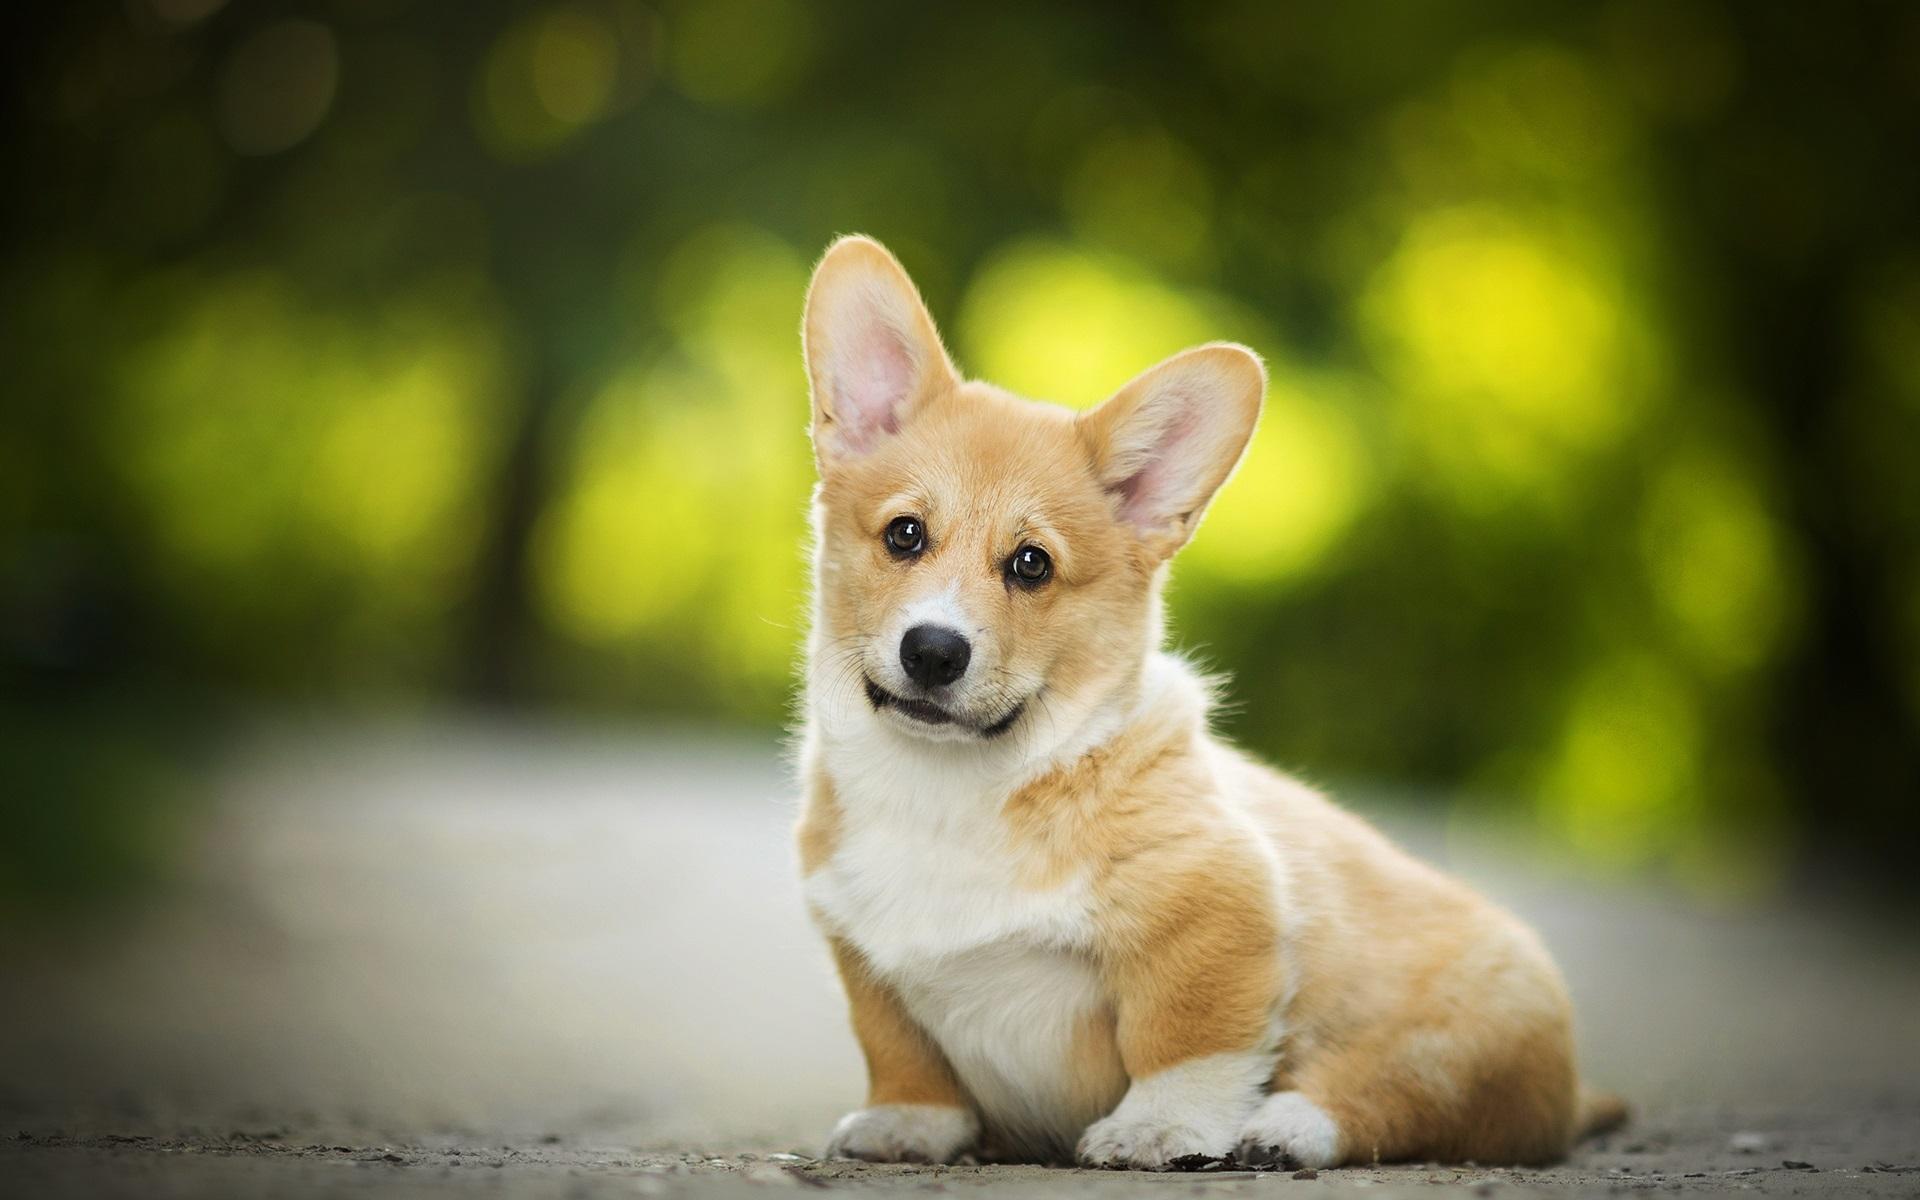 壁紙 ウェールズコーギー かわいい犬 19x10 Hd 無料のデスクトップの背景 画像